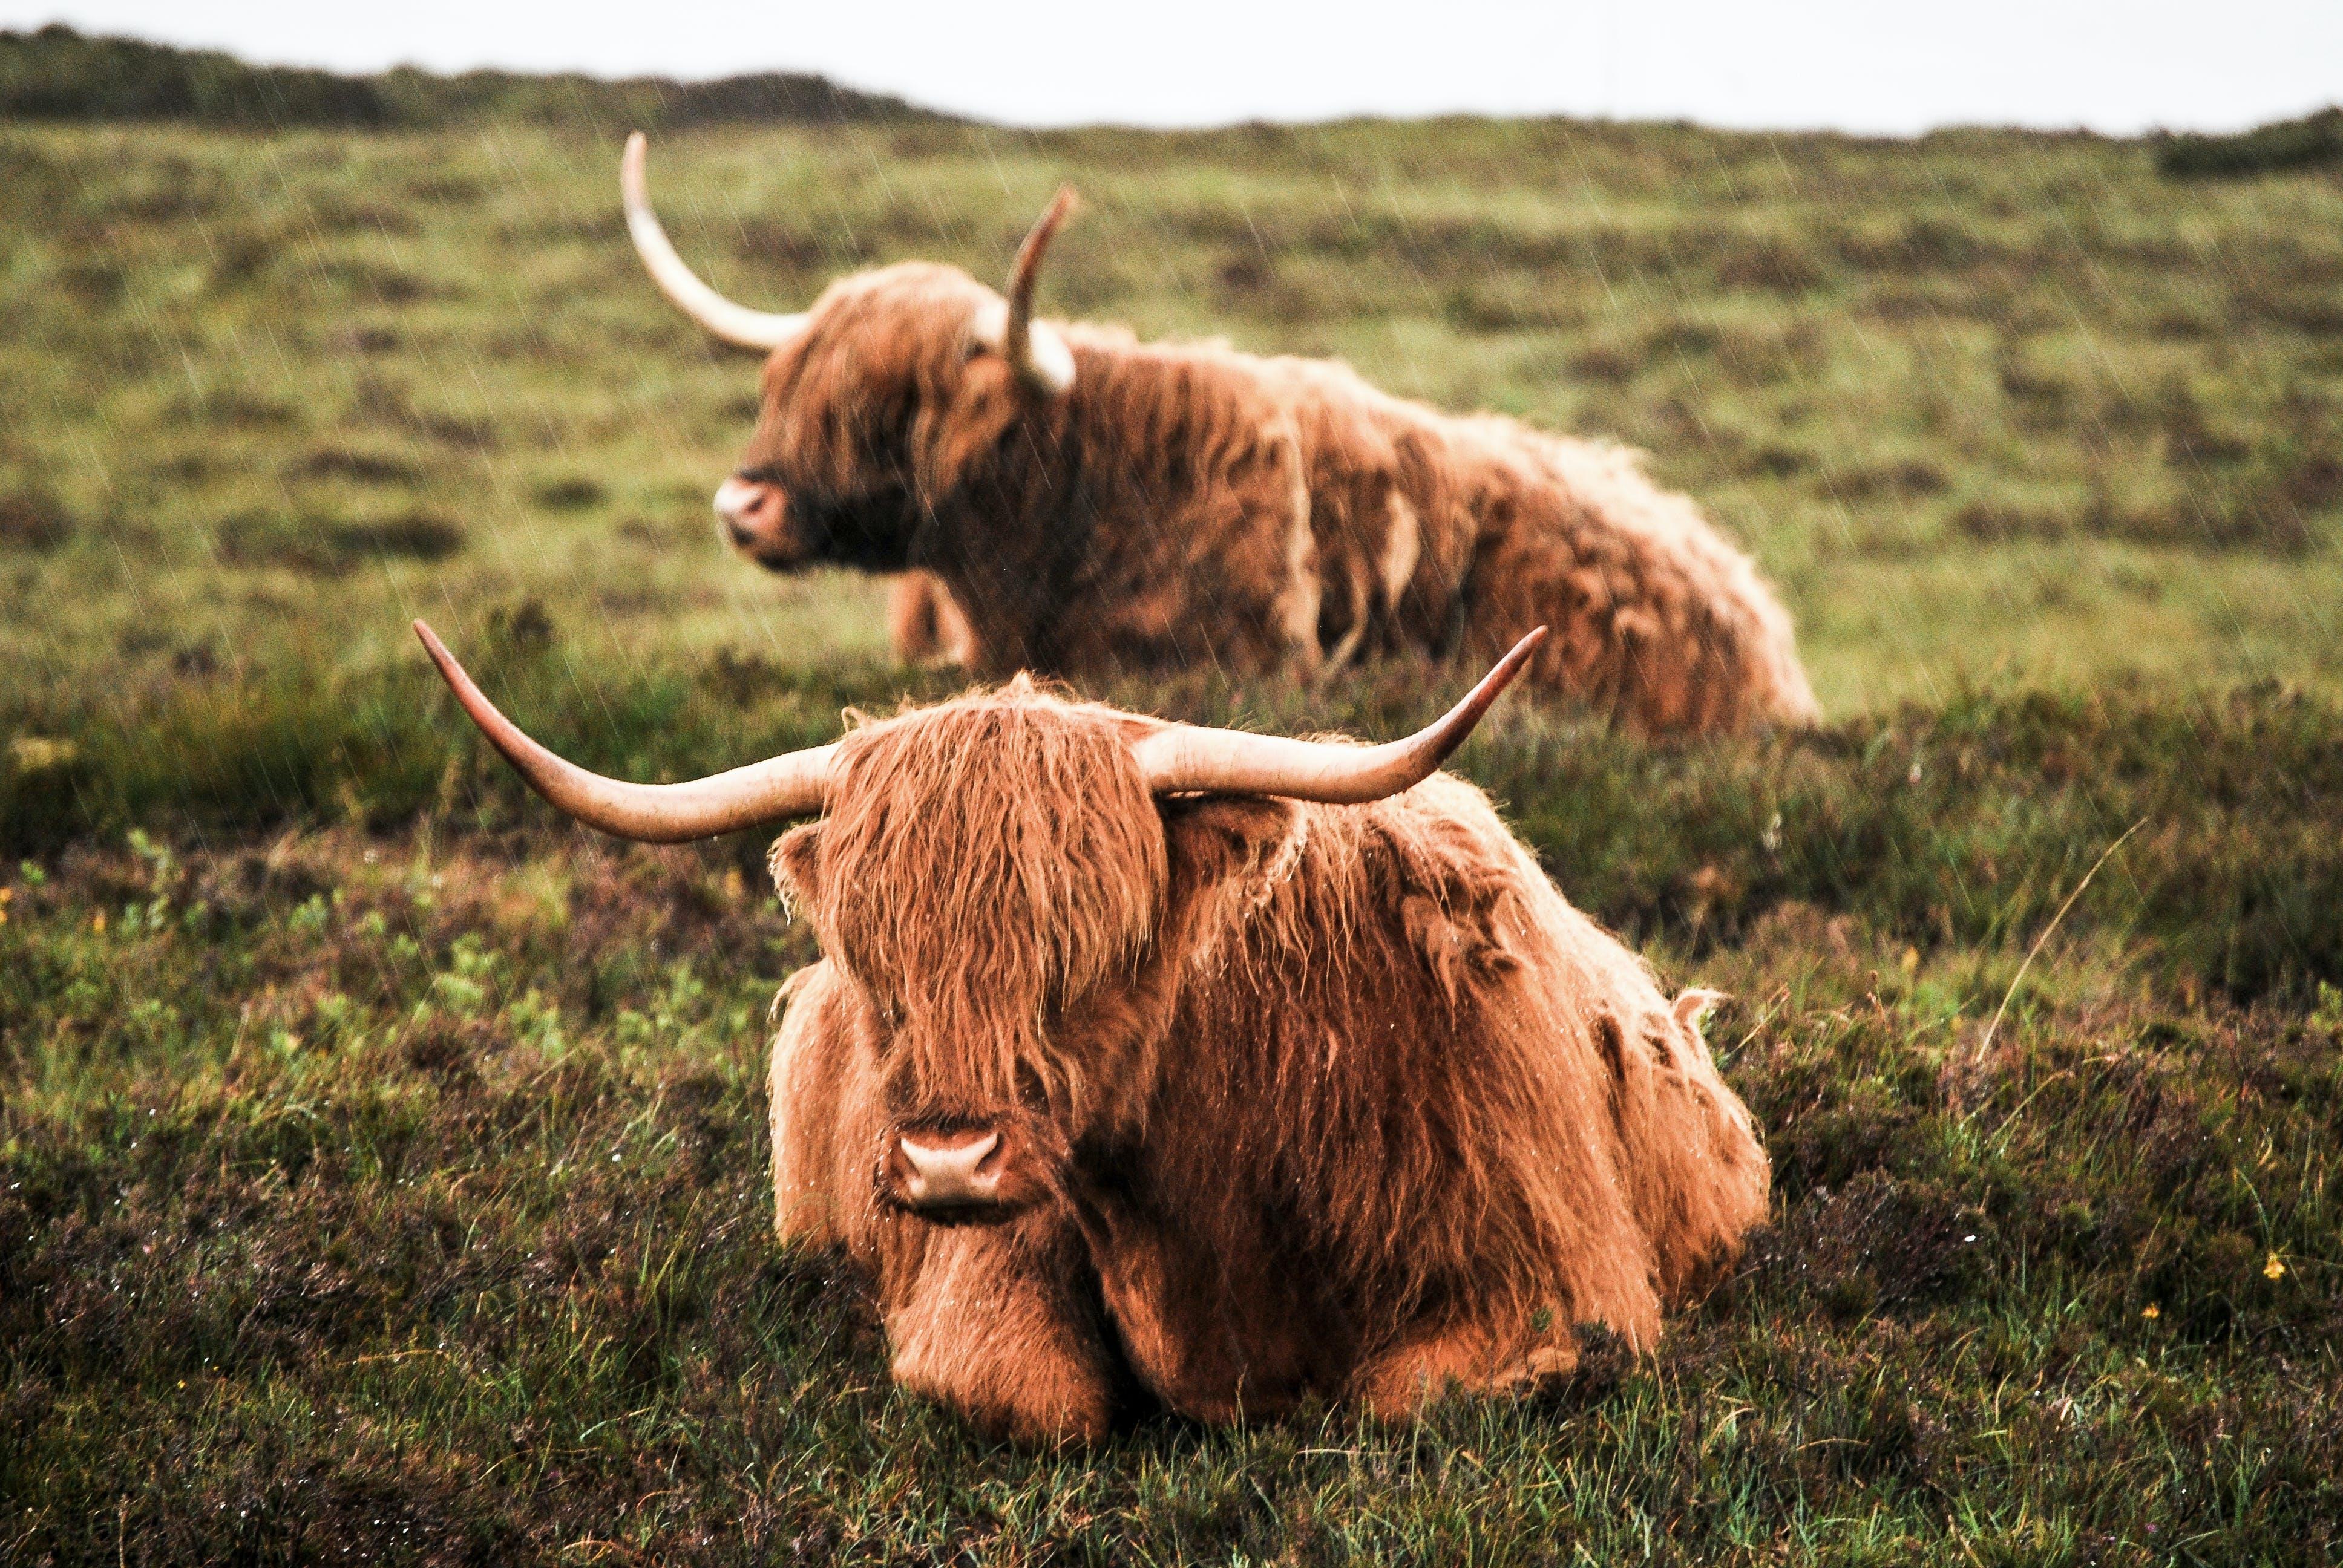 Αγελάδα των Χάιλαντς, αγρόκτημα, βόδια